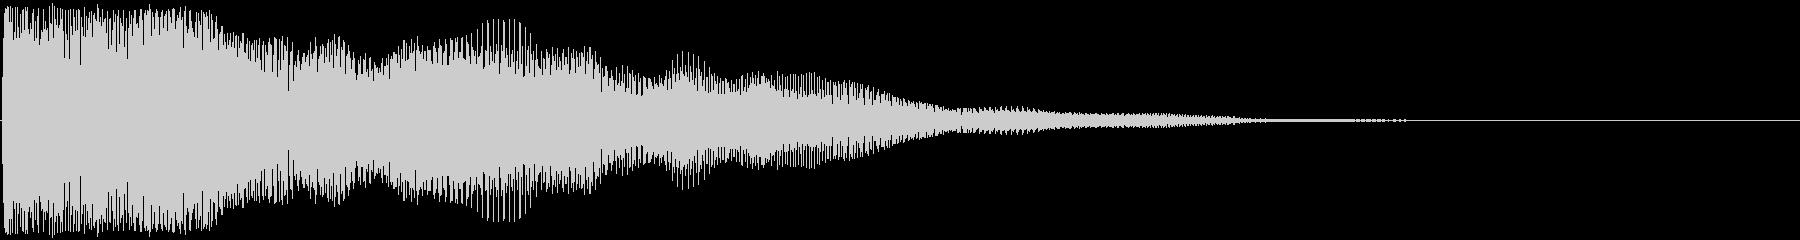 ショック音の未再生の波形